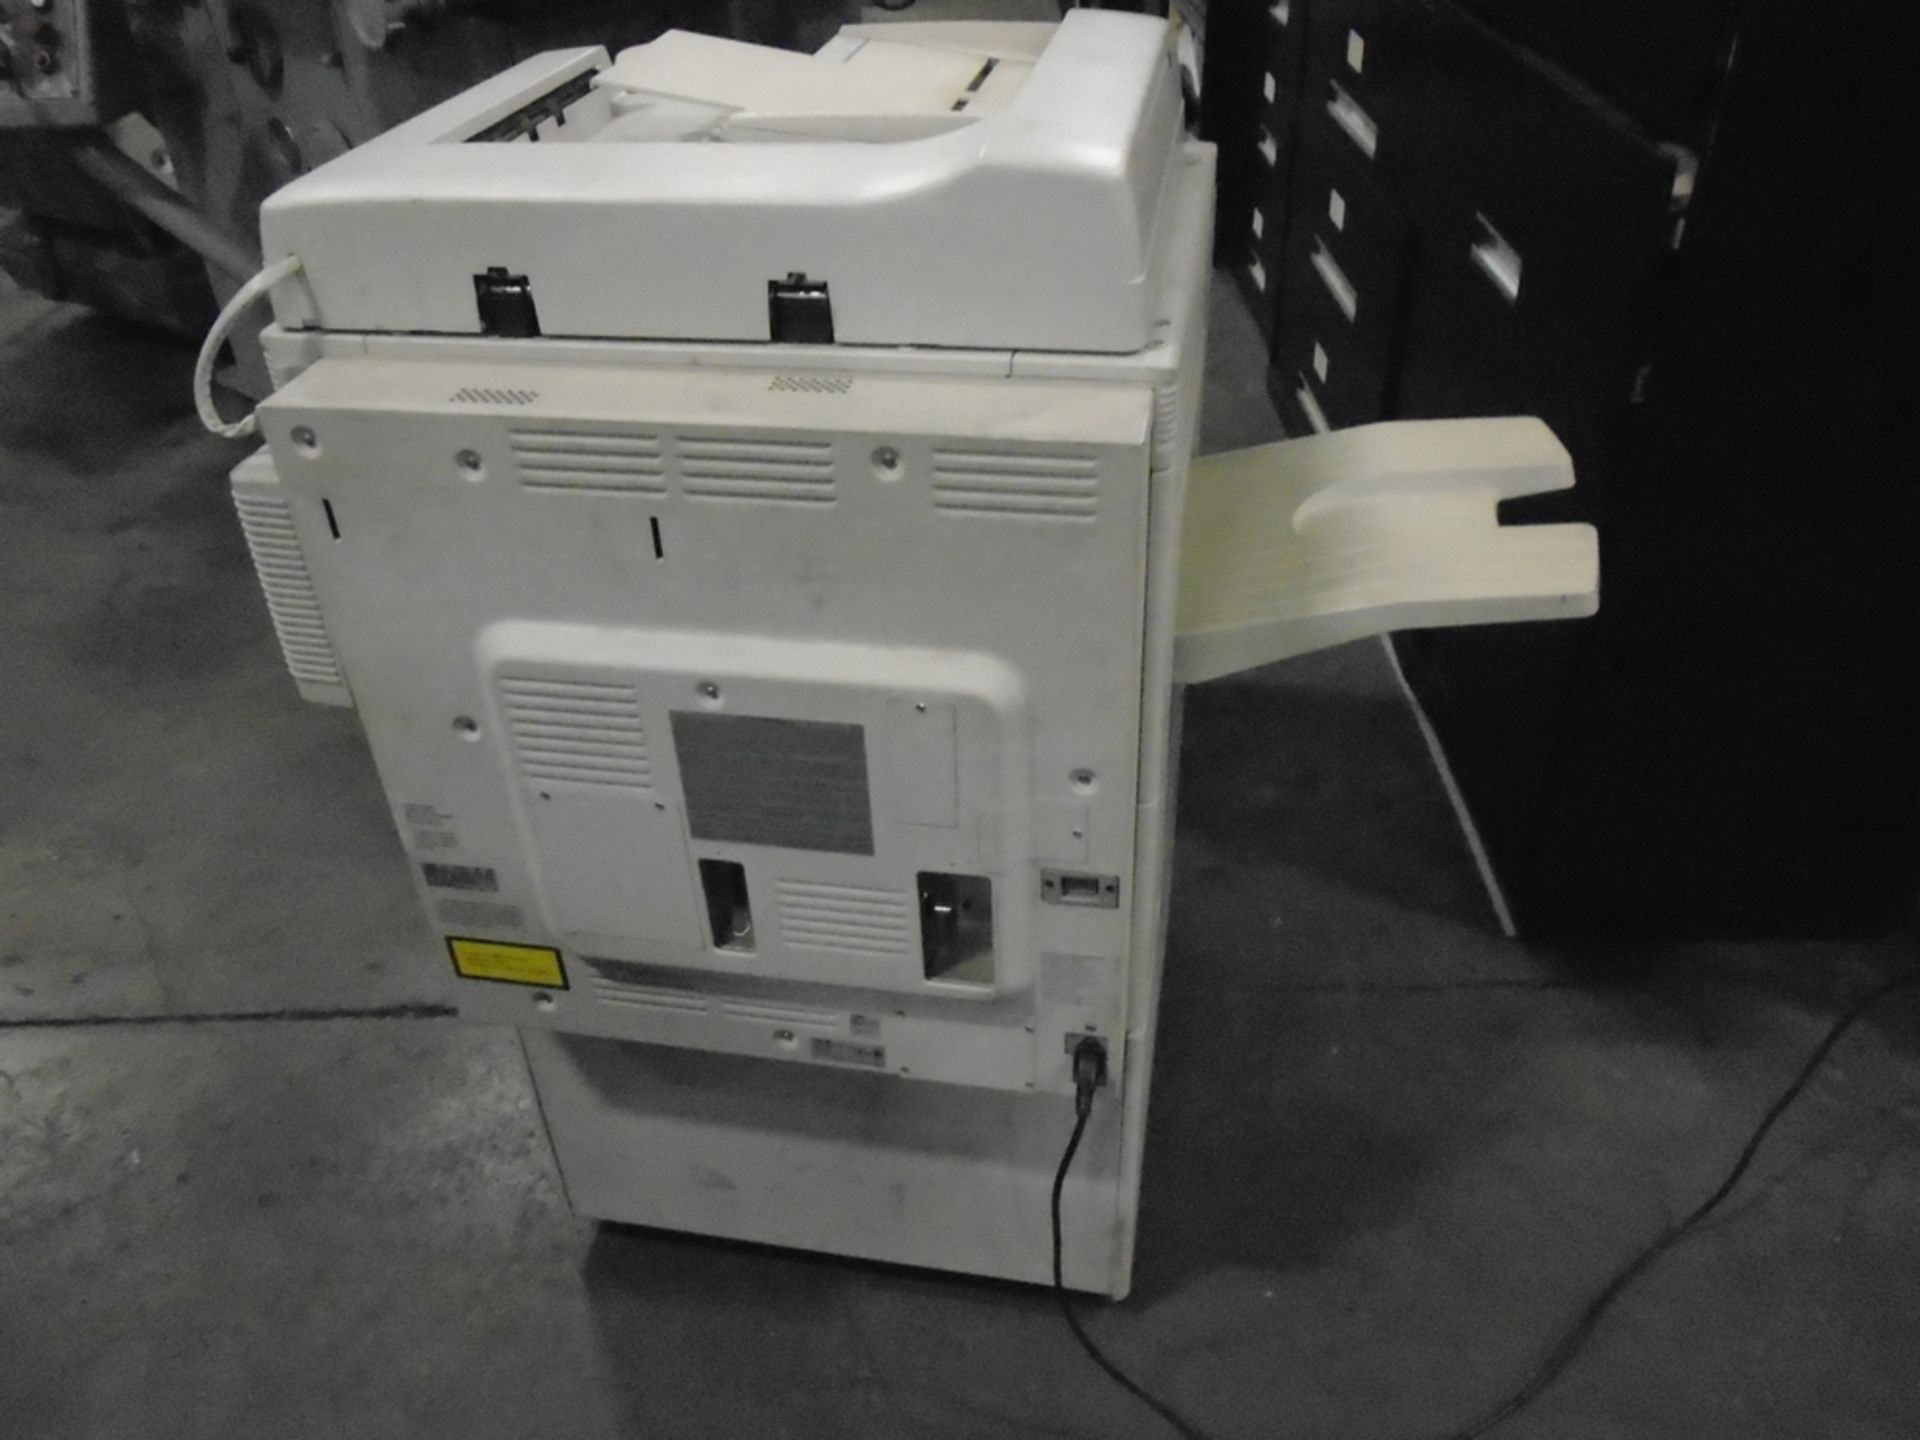 Lot 120A - Toshiba DP3580 4 Cassettes Copy Machine